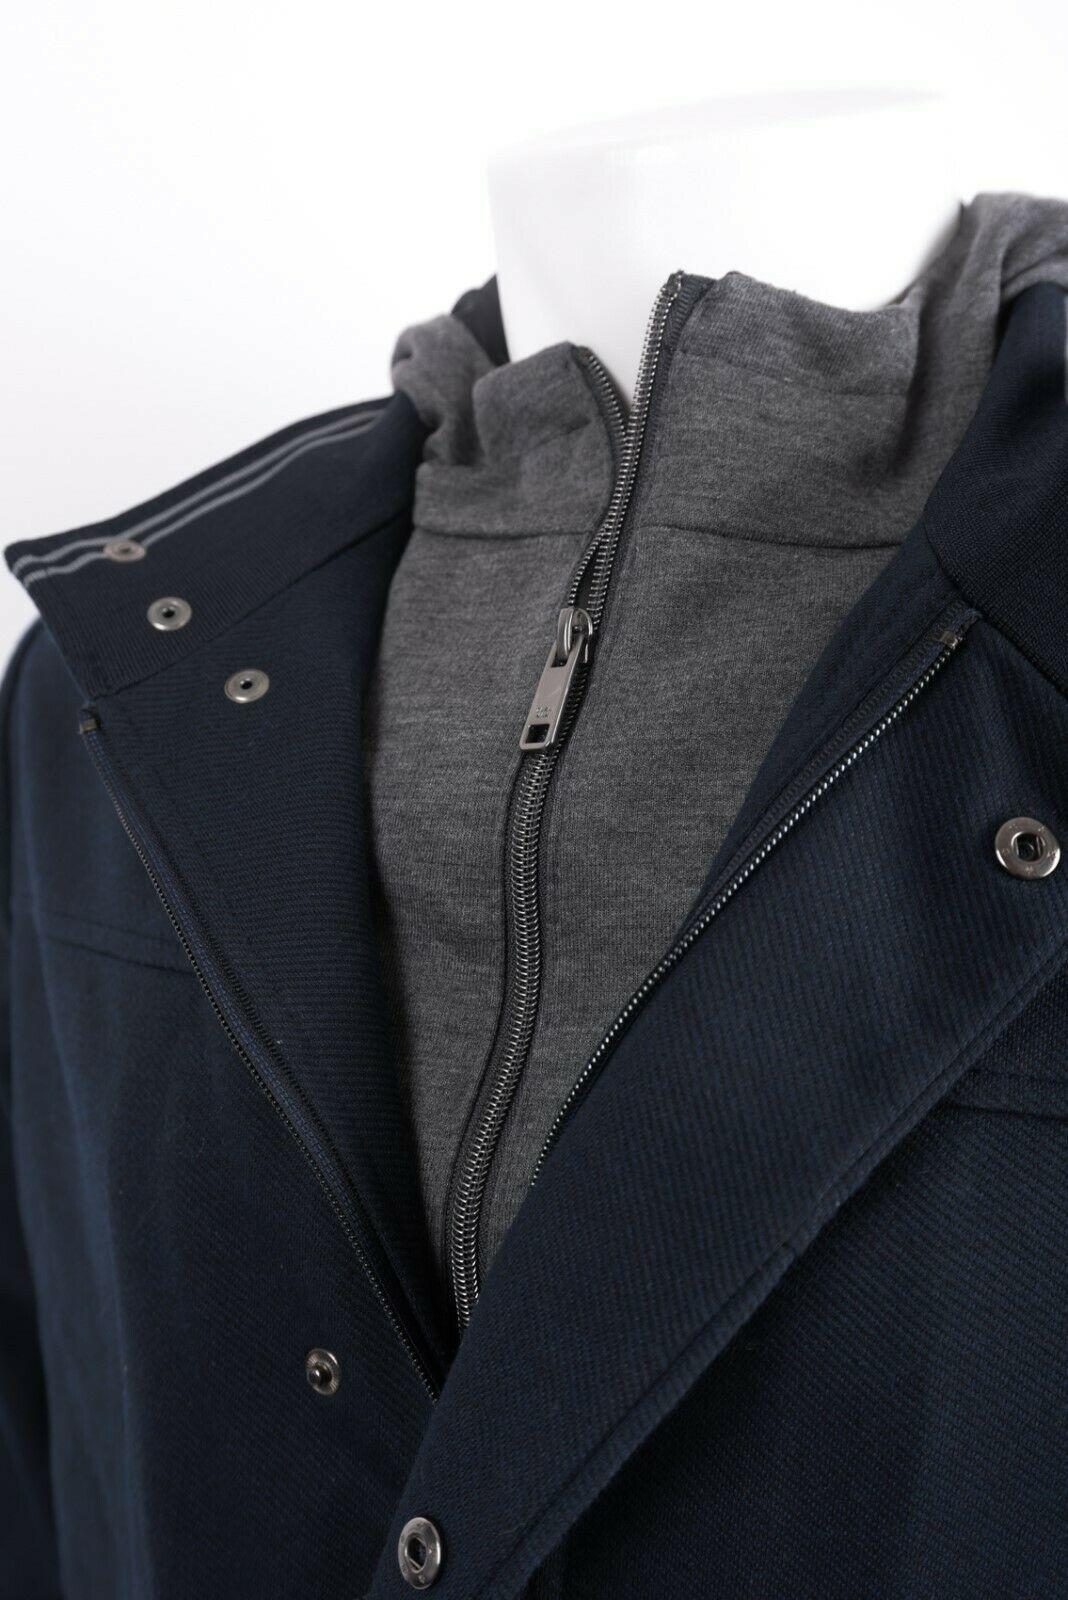 Zara Man Mens Jacket Coat Blazer Removeable Interior Navy Blue Gray Hooded NWT image 4